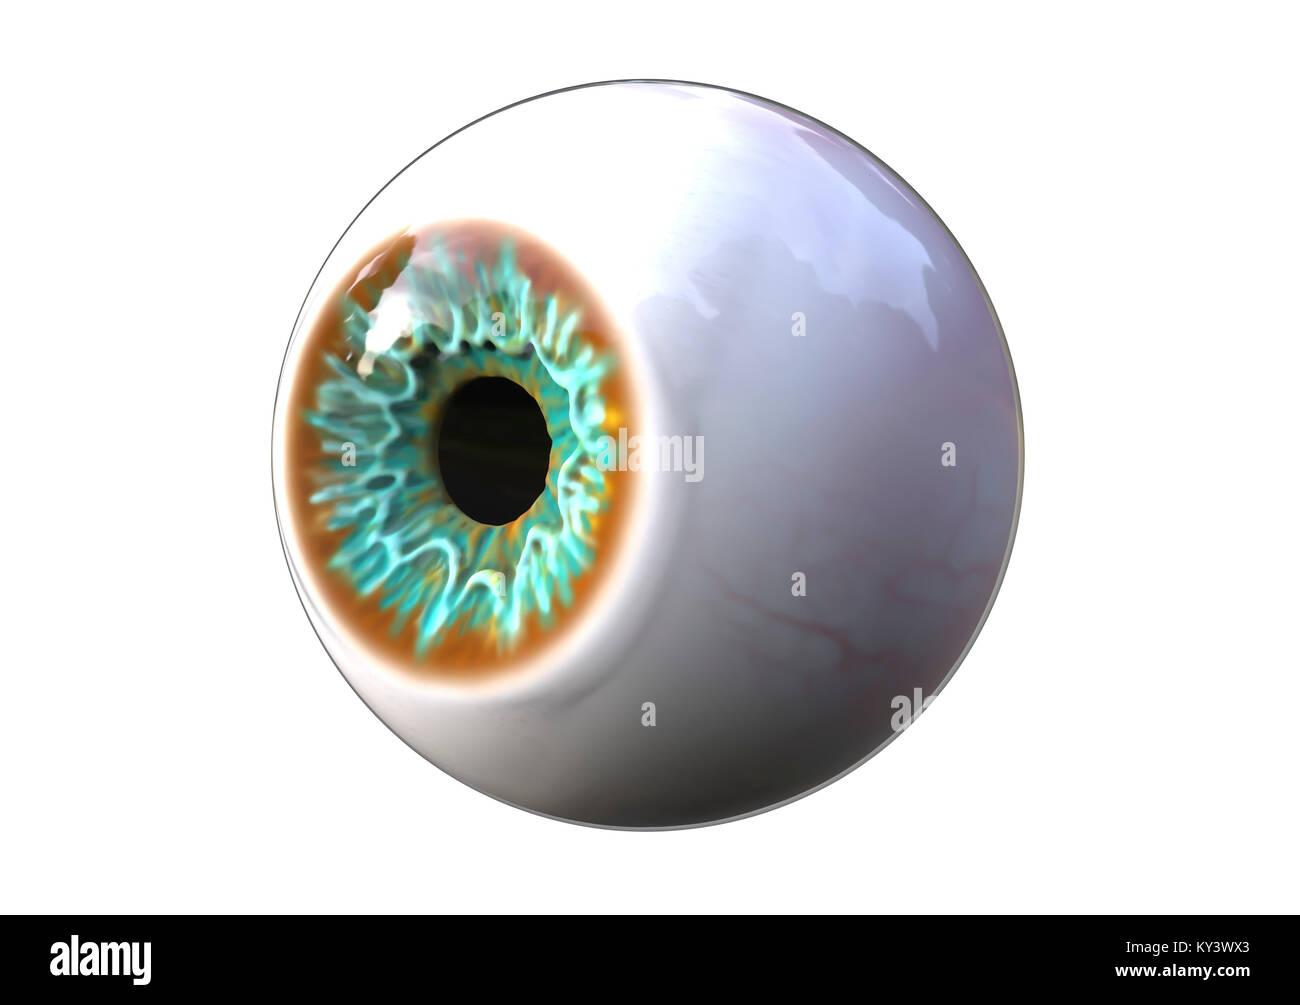 Computer Abbildung eines menschlichen Augapfel Stockfoto, Bild ...